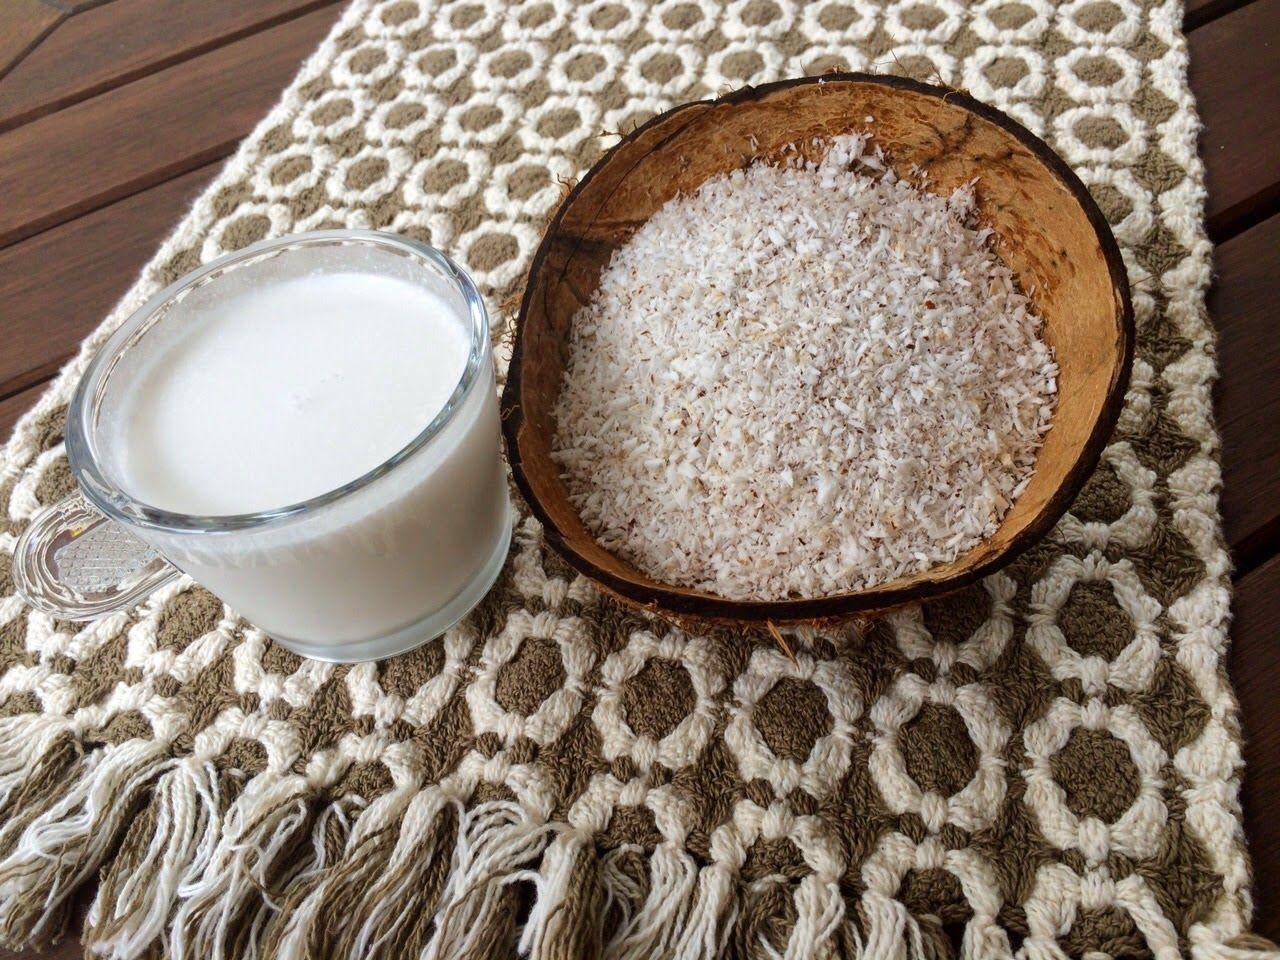 VitaleNutri - Nutrição Funcional: Leite de coco Caseiro